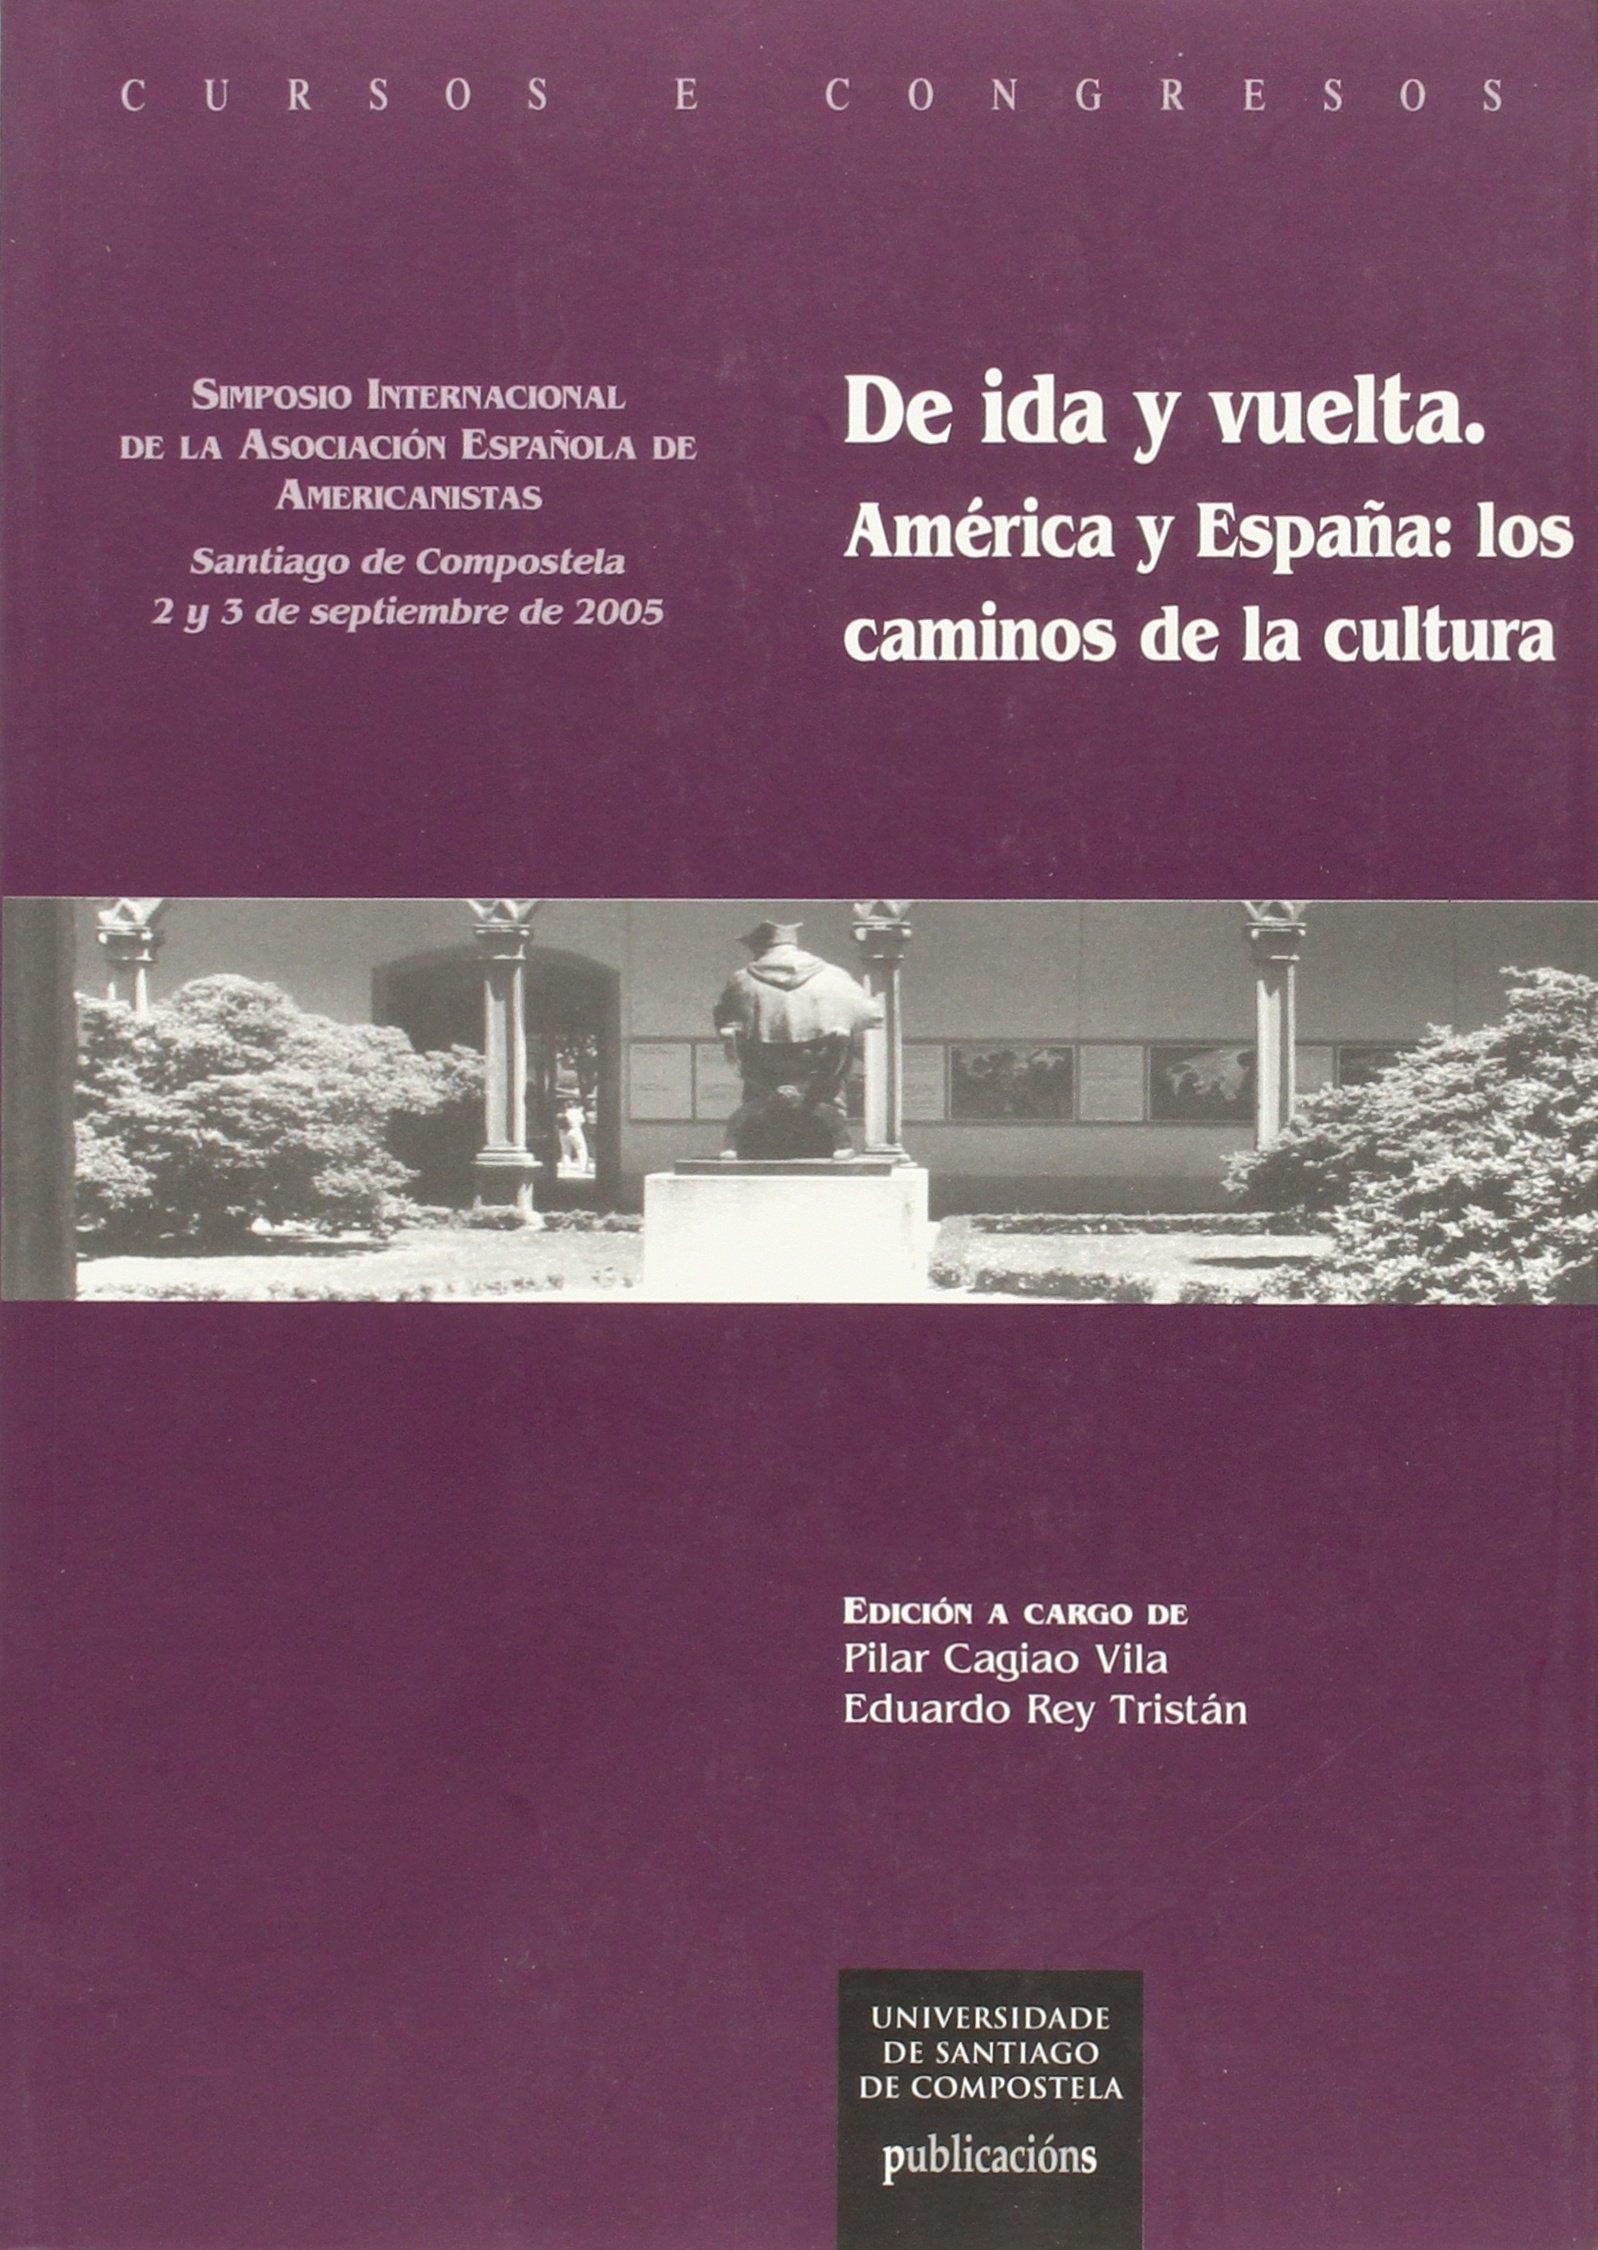 De ida y vuelta: América y España,los caminos de la cultura: Amazon.es: Libros